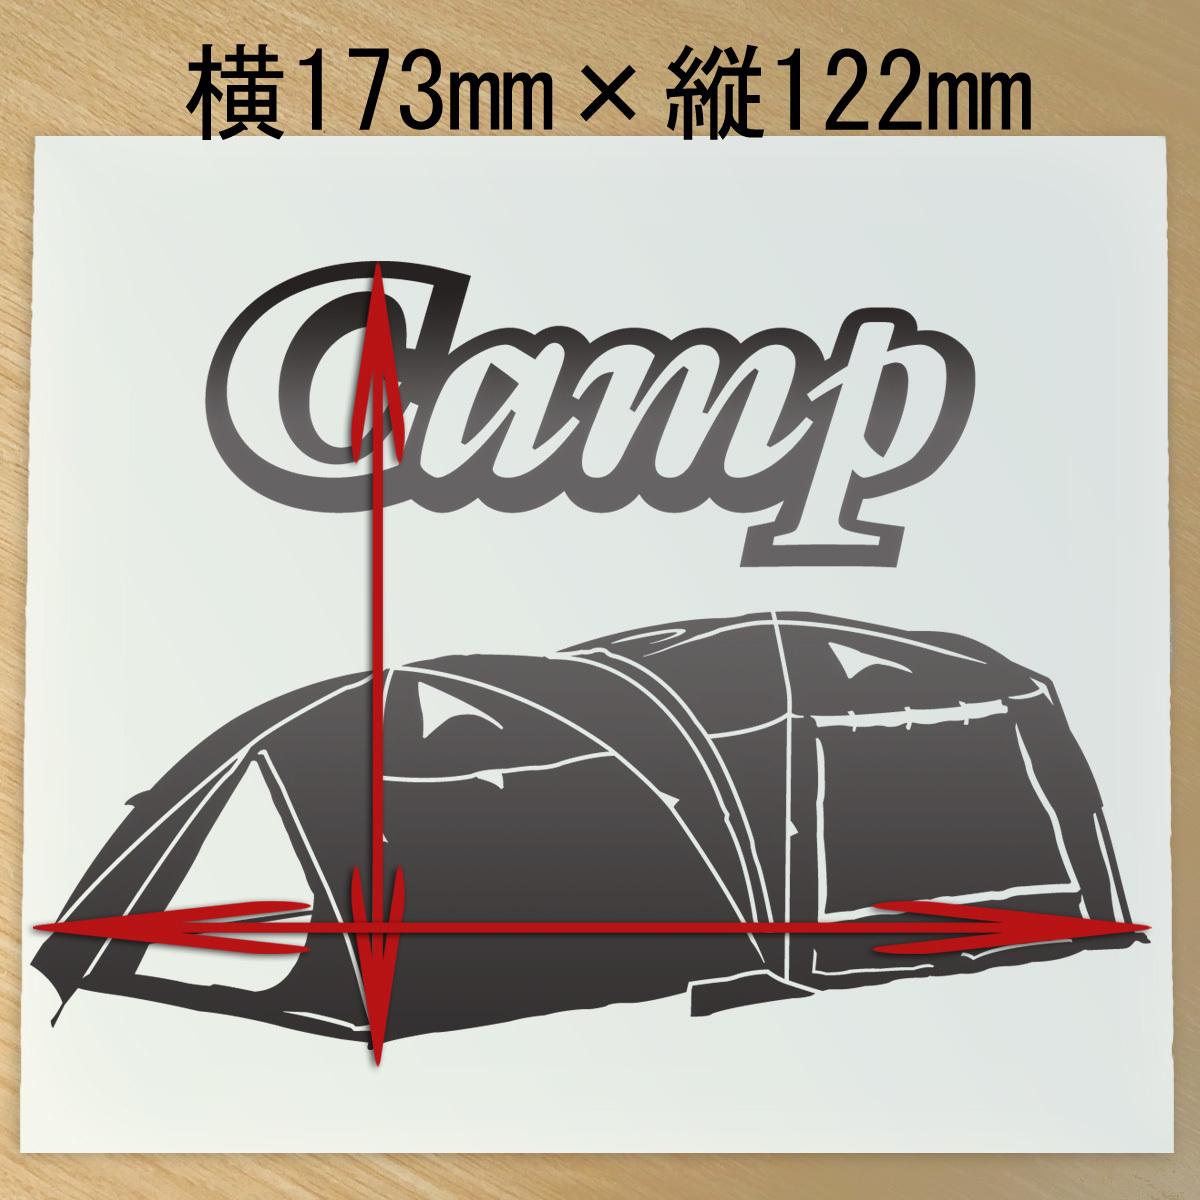 ●キャンプ キャンパー ステッカー テントイラスト ツールームドーム NO626E_画像3